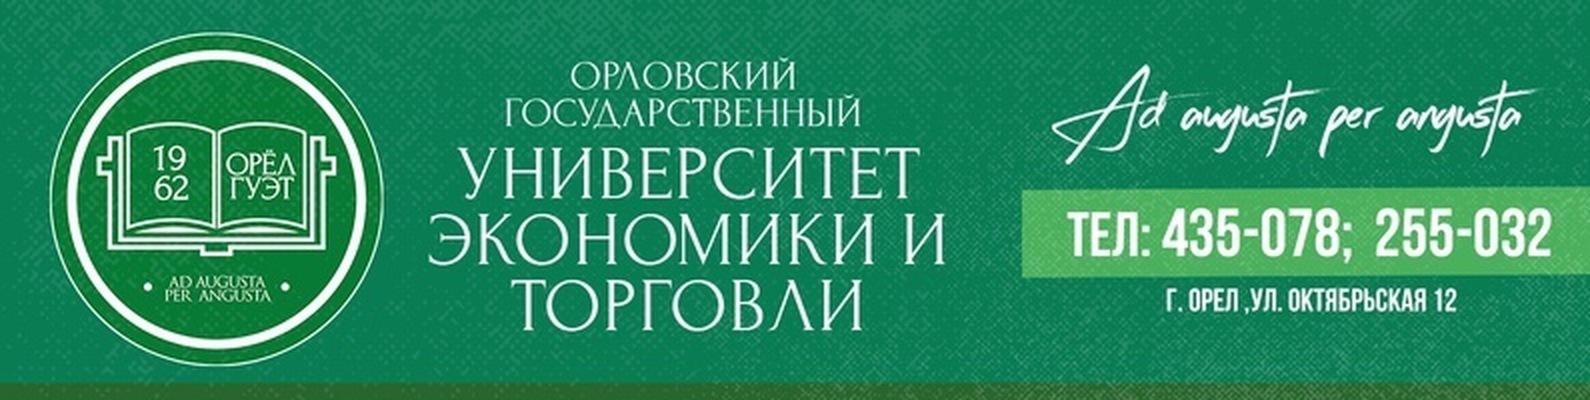 Заявка на дистанционное обучение в Орловский государственный университет экономики и торговли